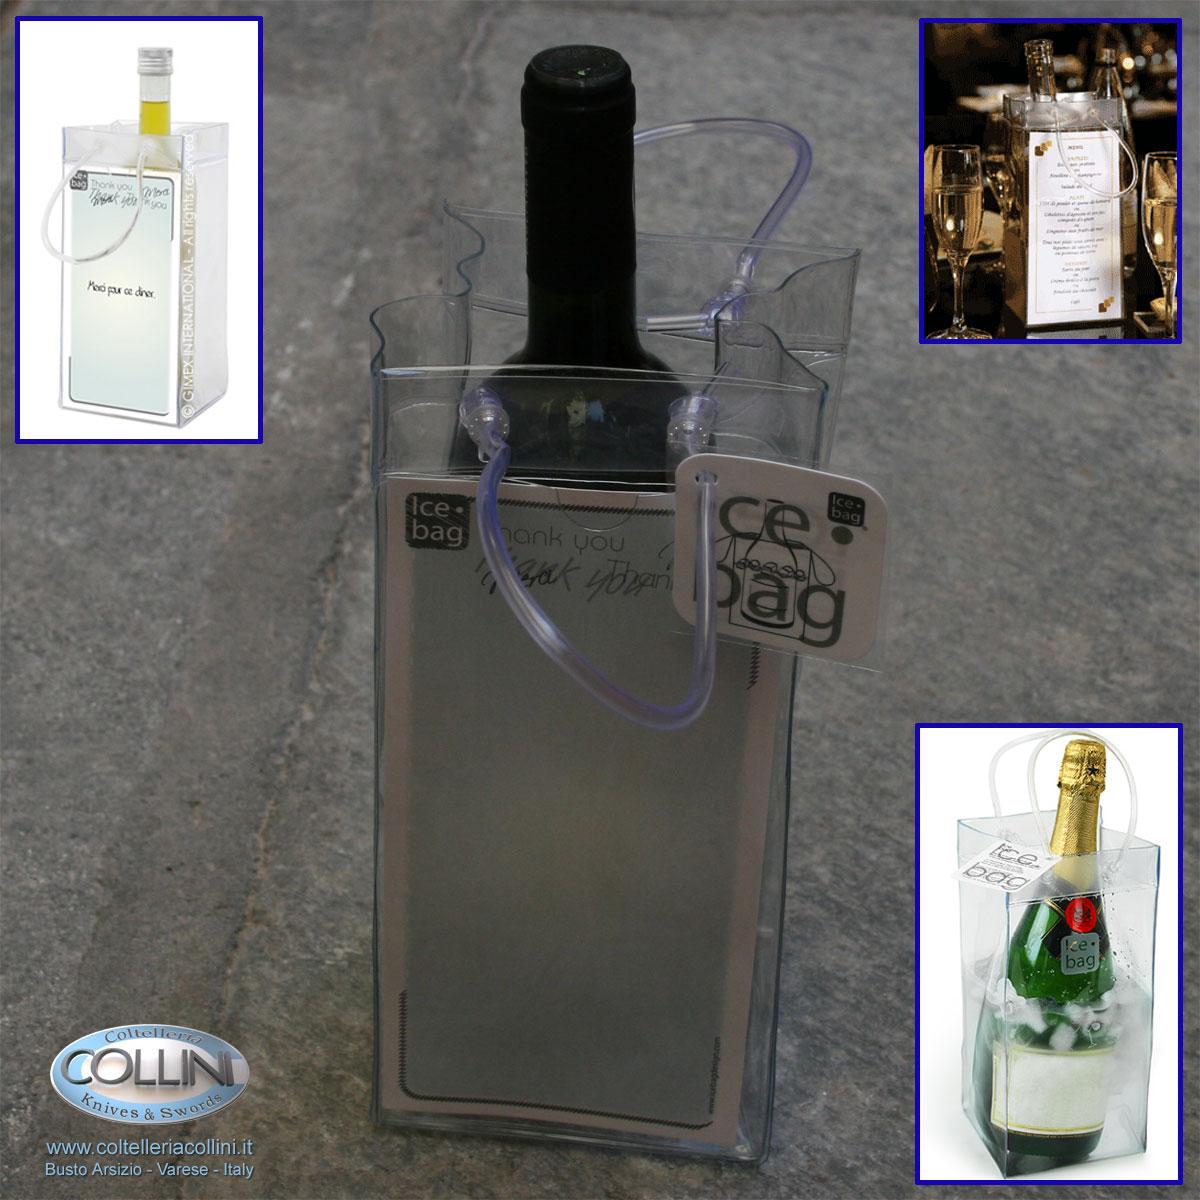 Ice bag porta bottiglie italia - Porta bottiglie ...